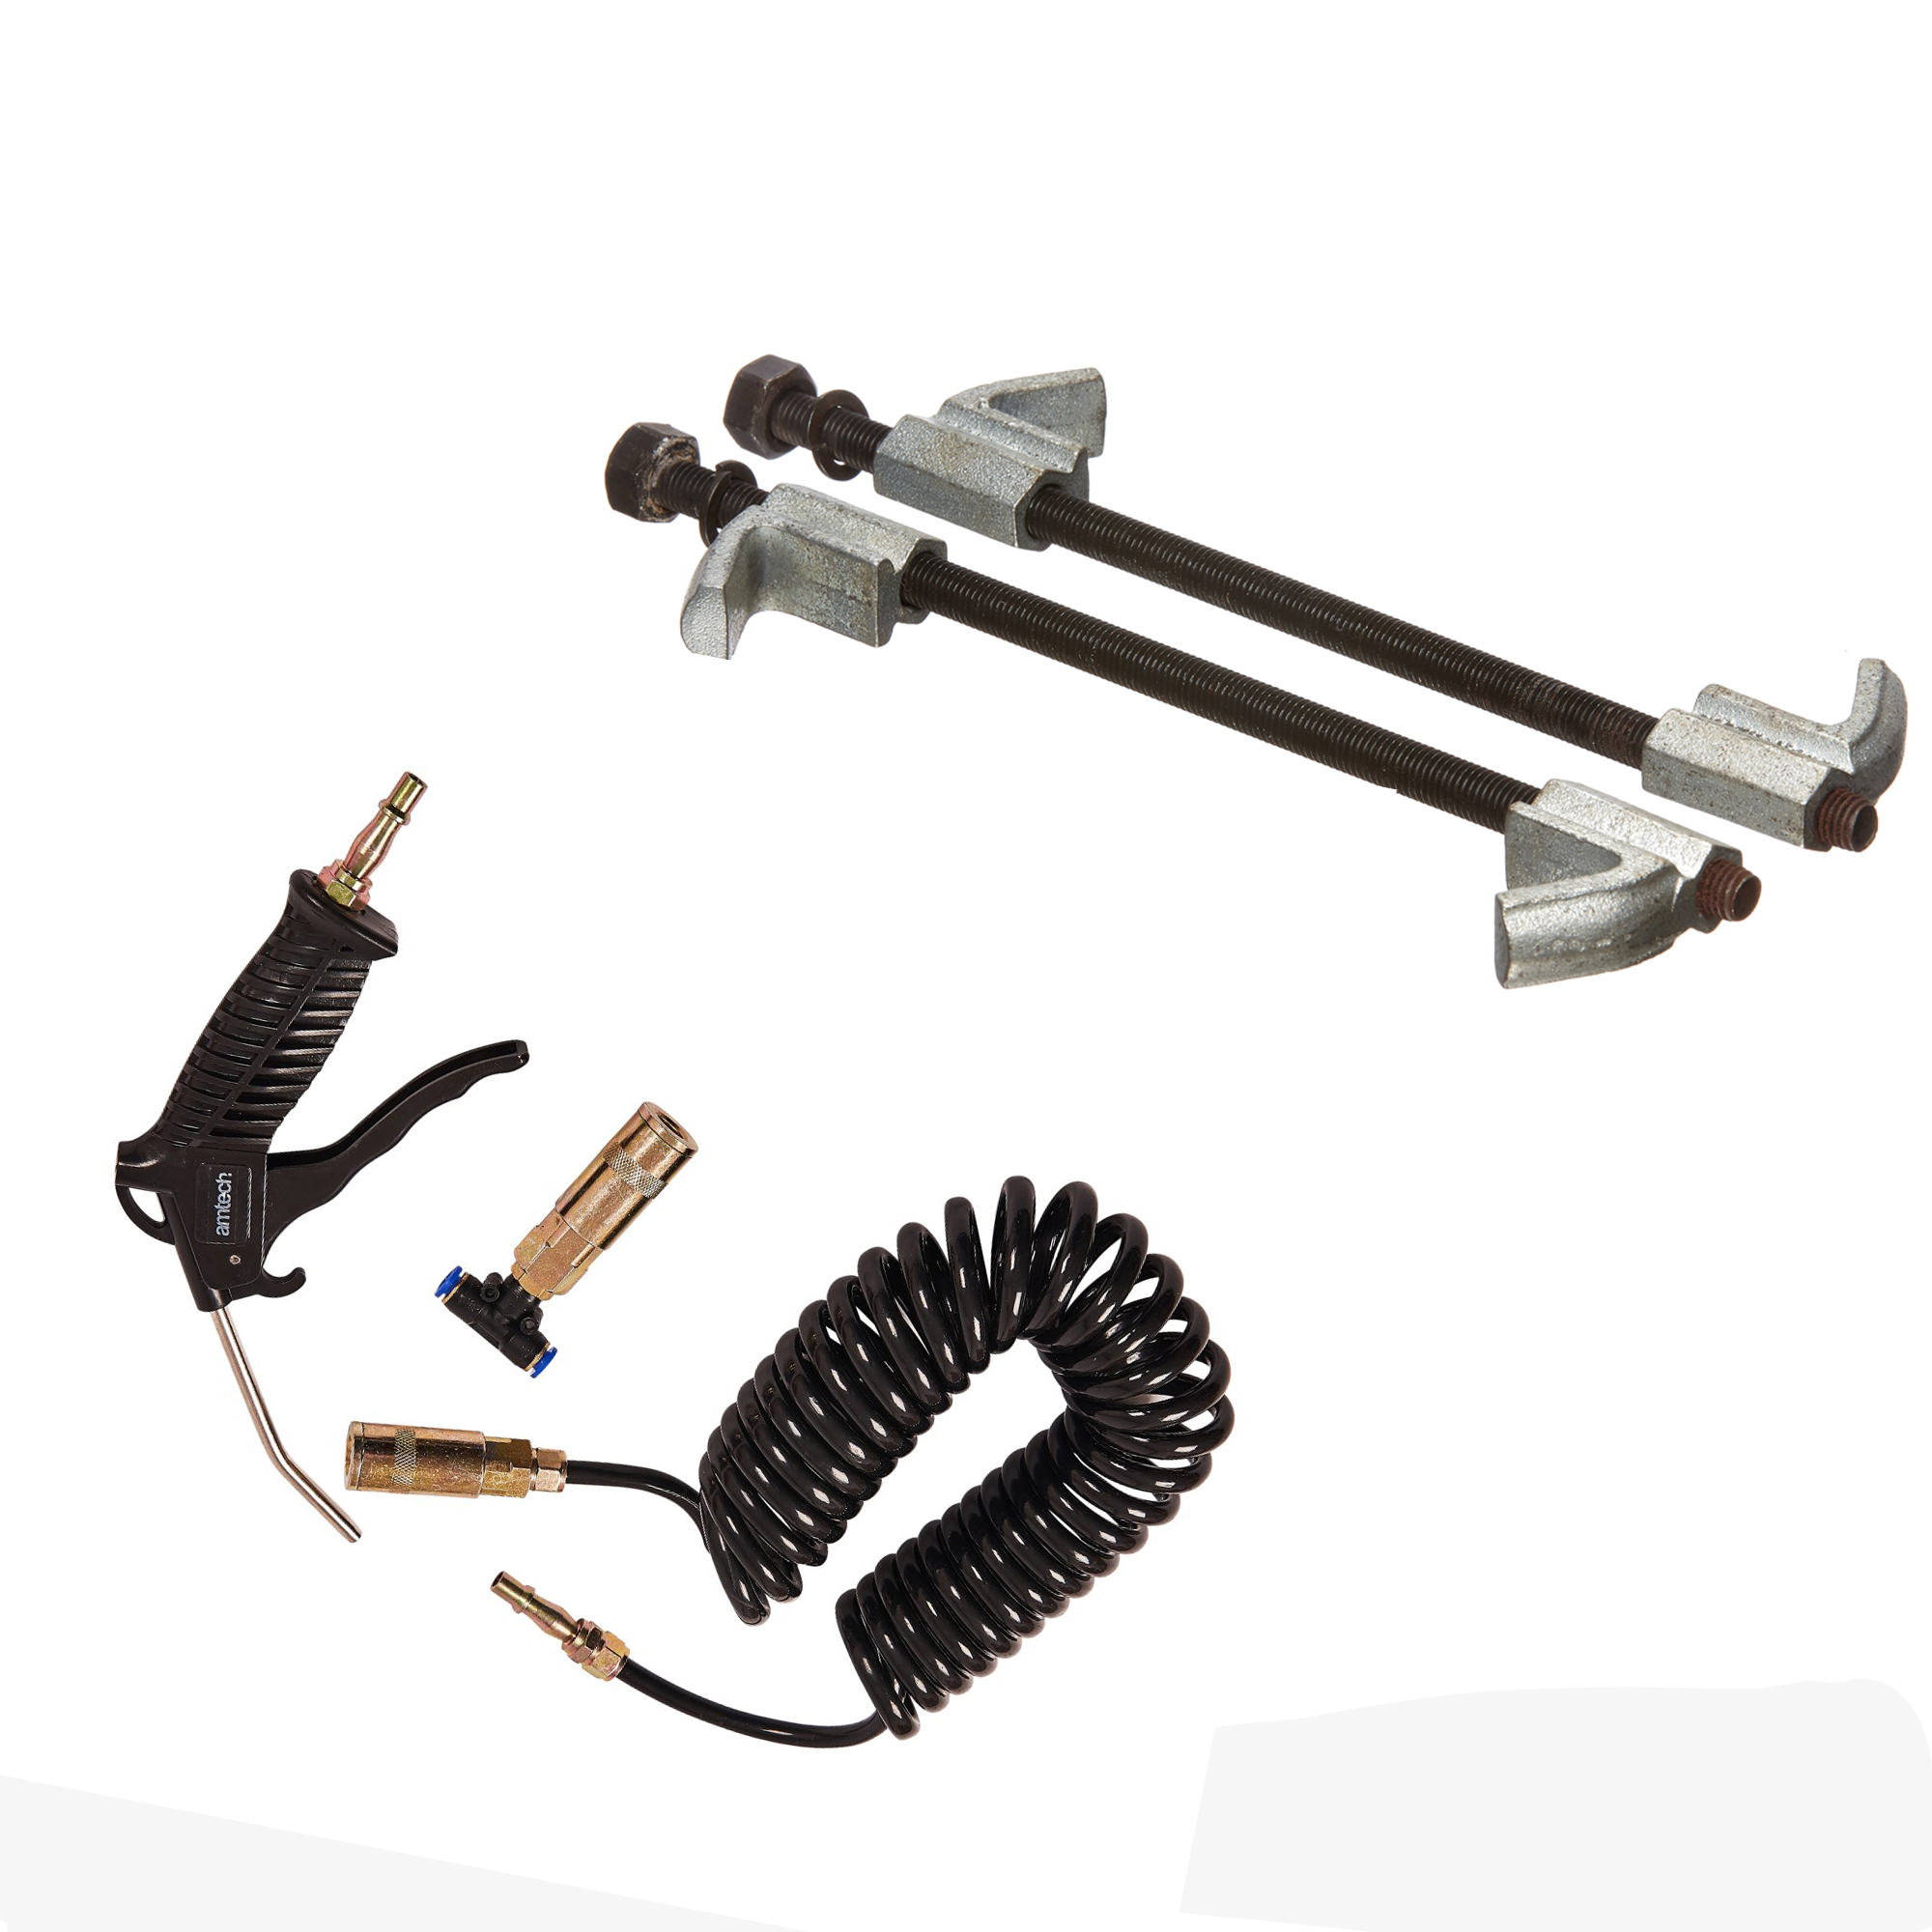 Air Tools & Compressors